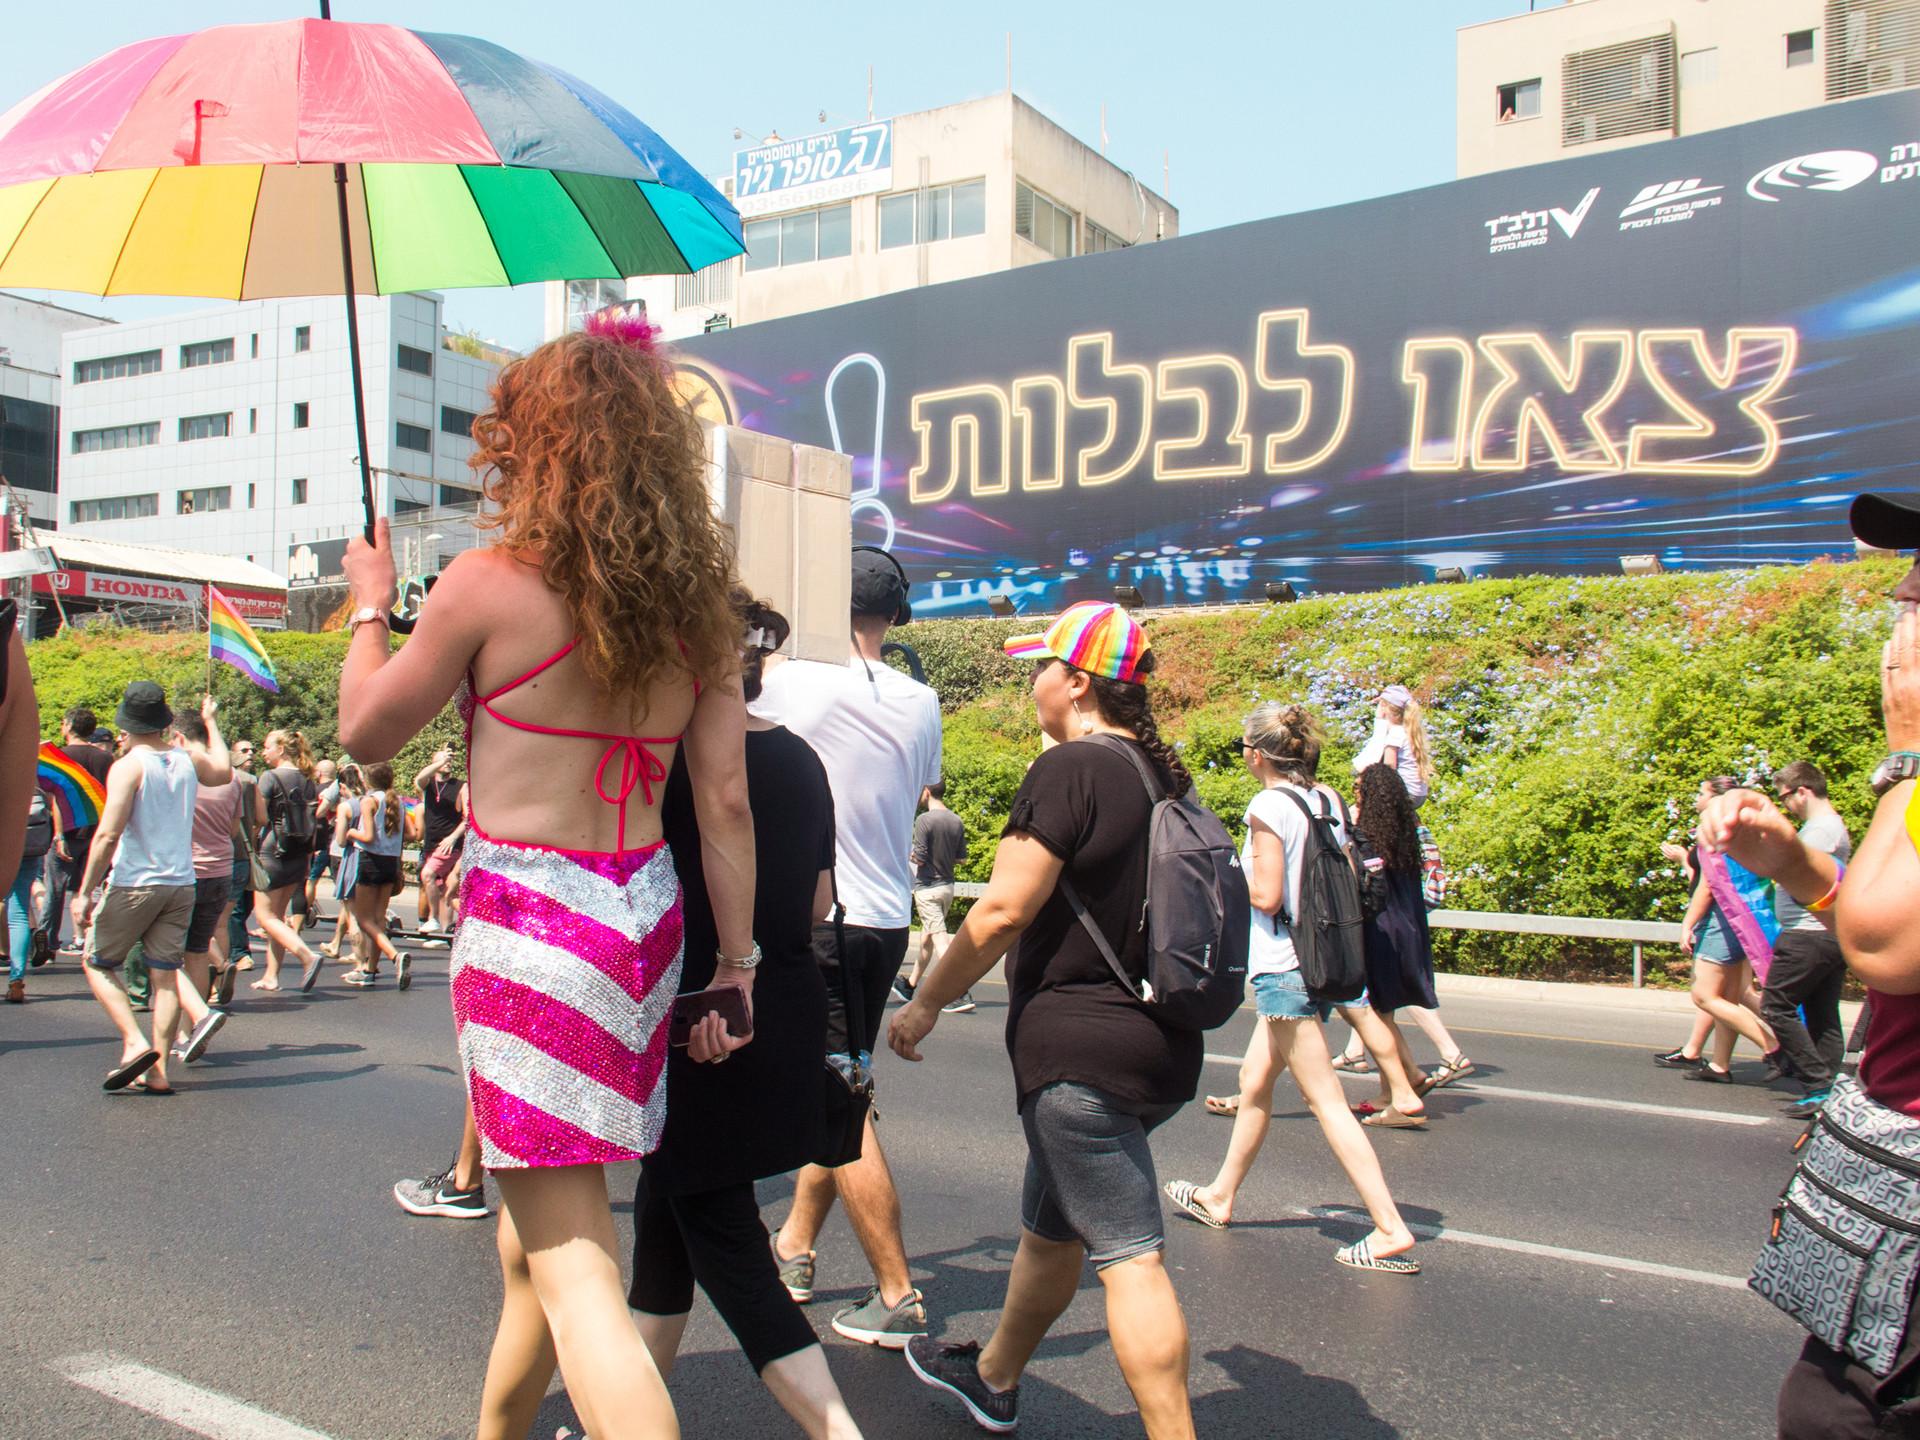 הפגנה לשוויון זכויות-15.jpg